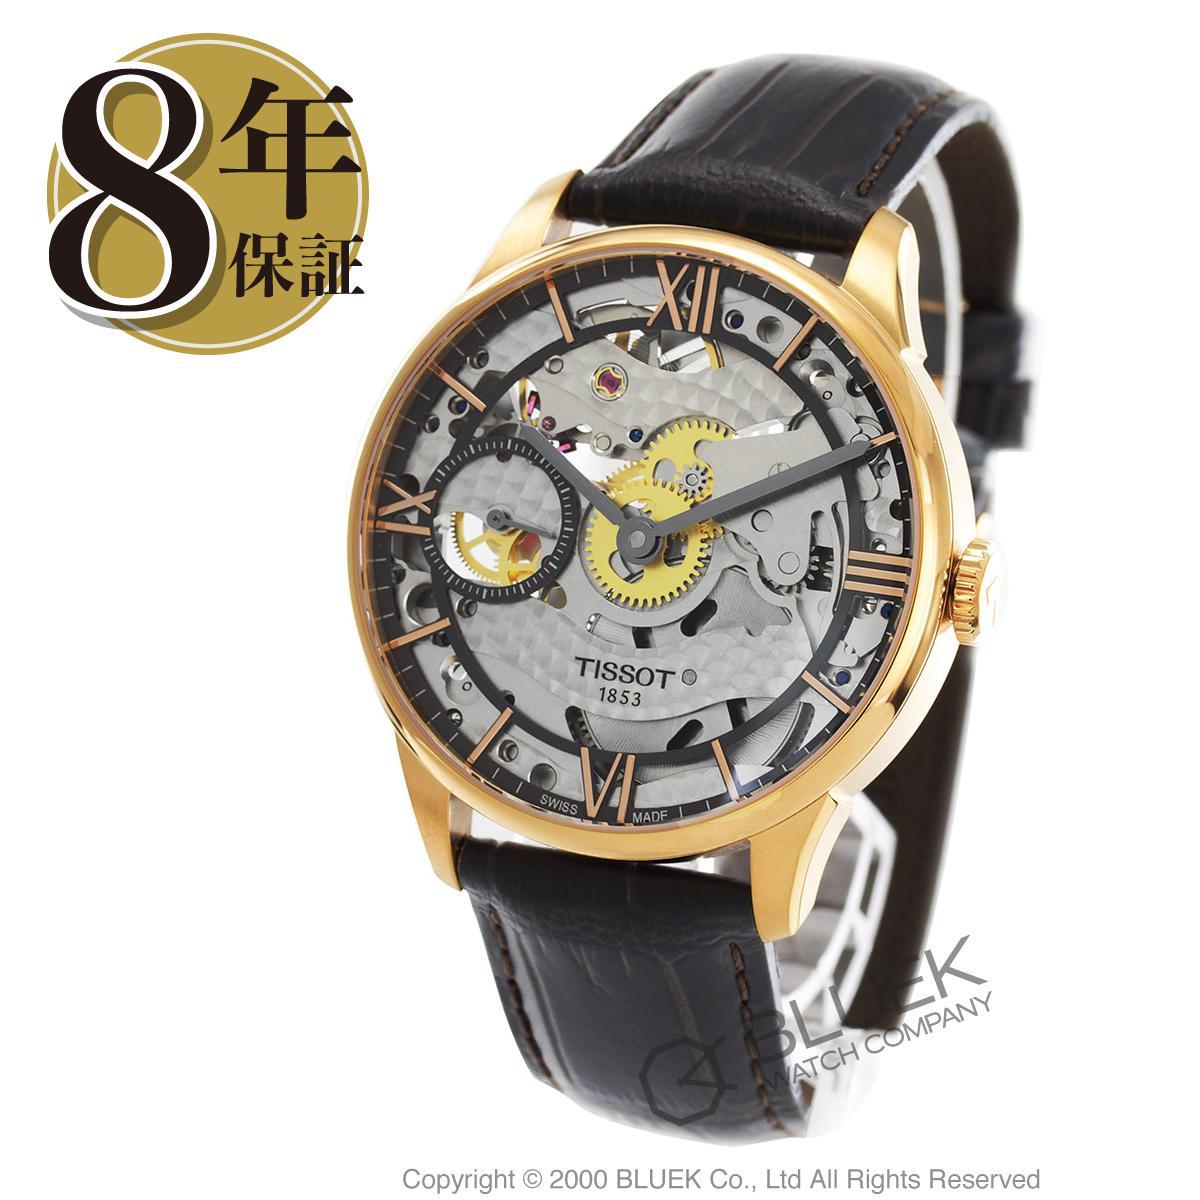 ティソ T-クラシック T-コンプリケーション シュマン・デ・トゥレル スケレット 腕時計 メンズ TISSOT T099.405.36.418.00_8